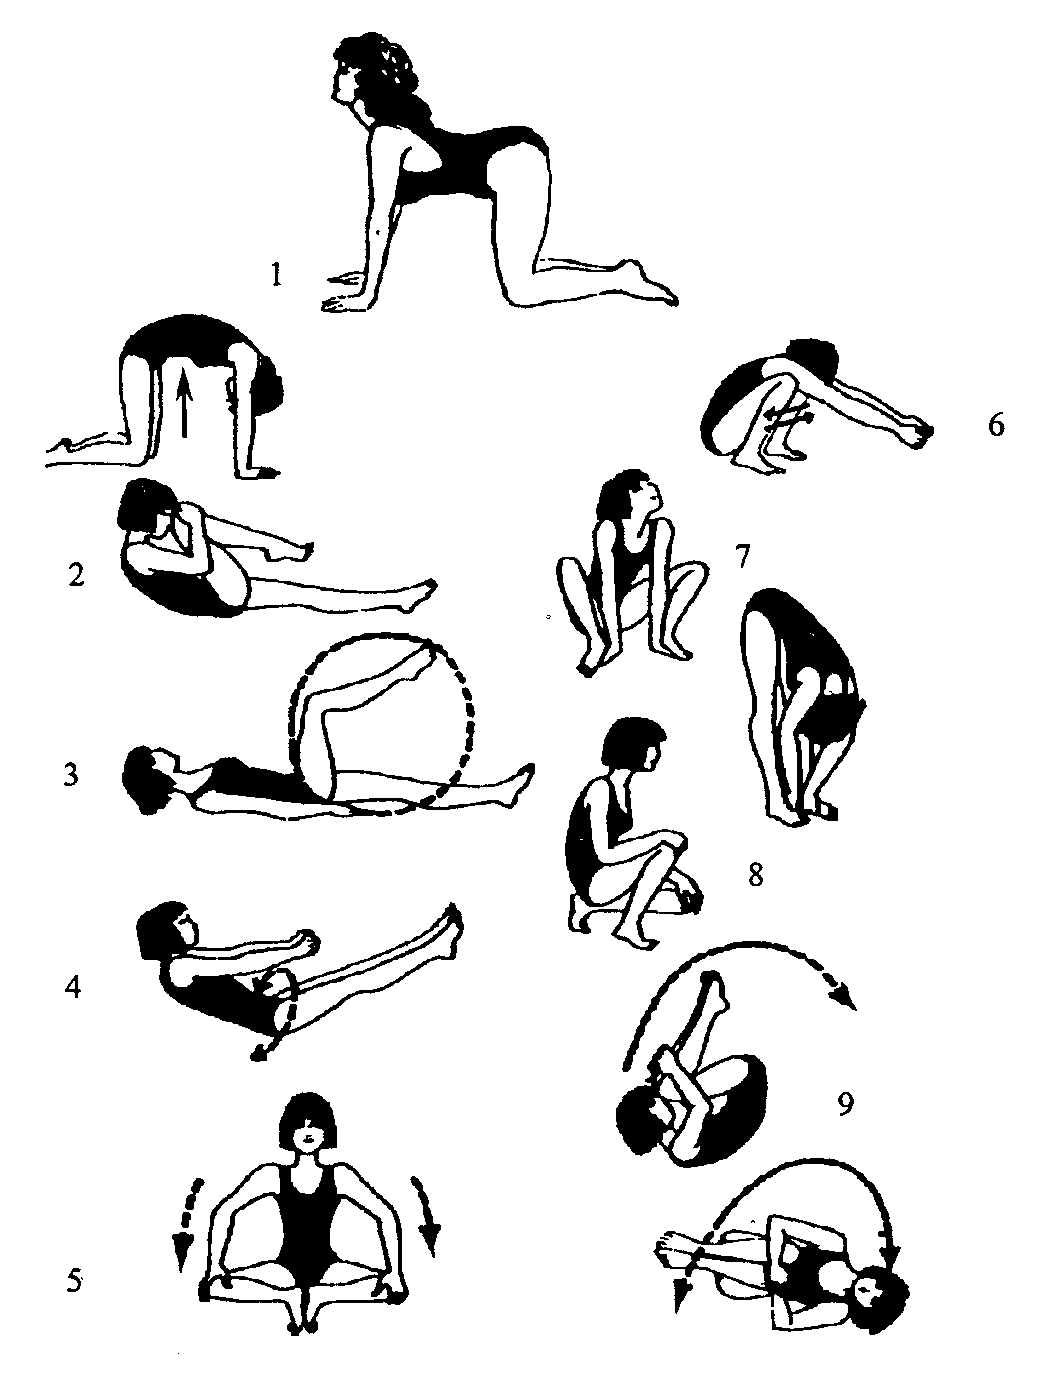 Упражнения для укрепления спины картинки